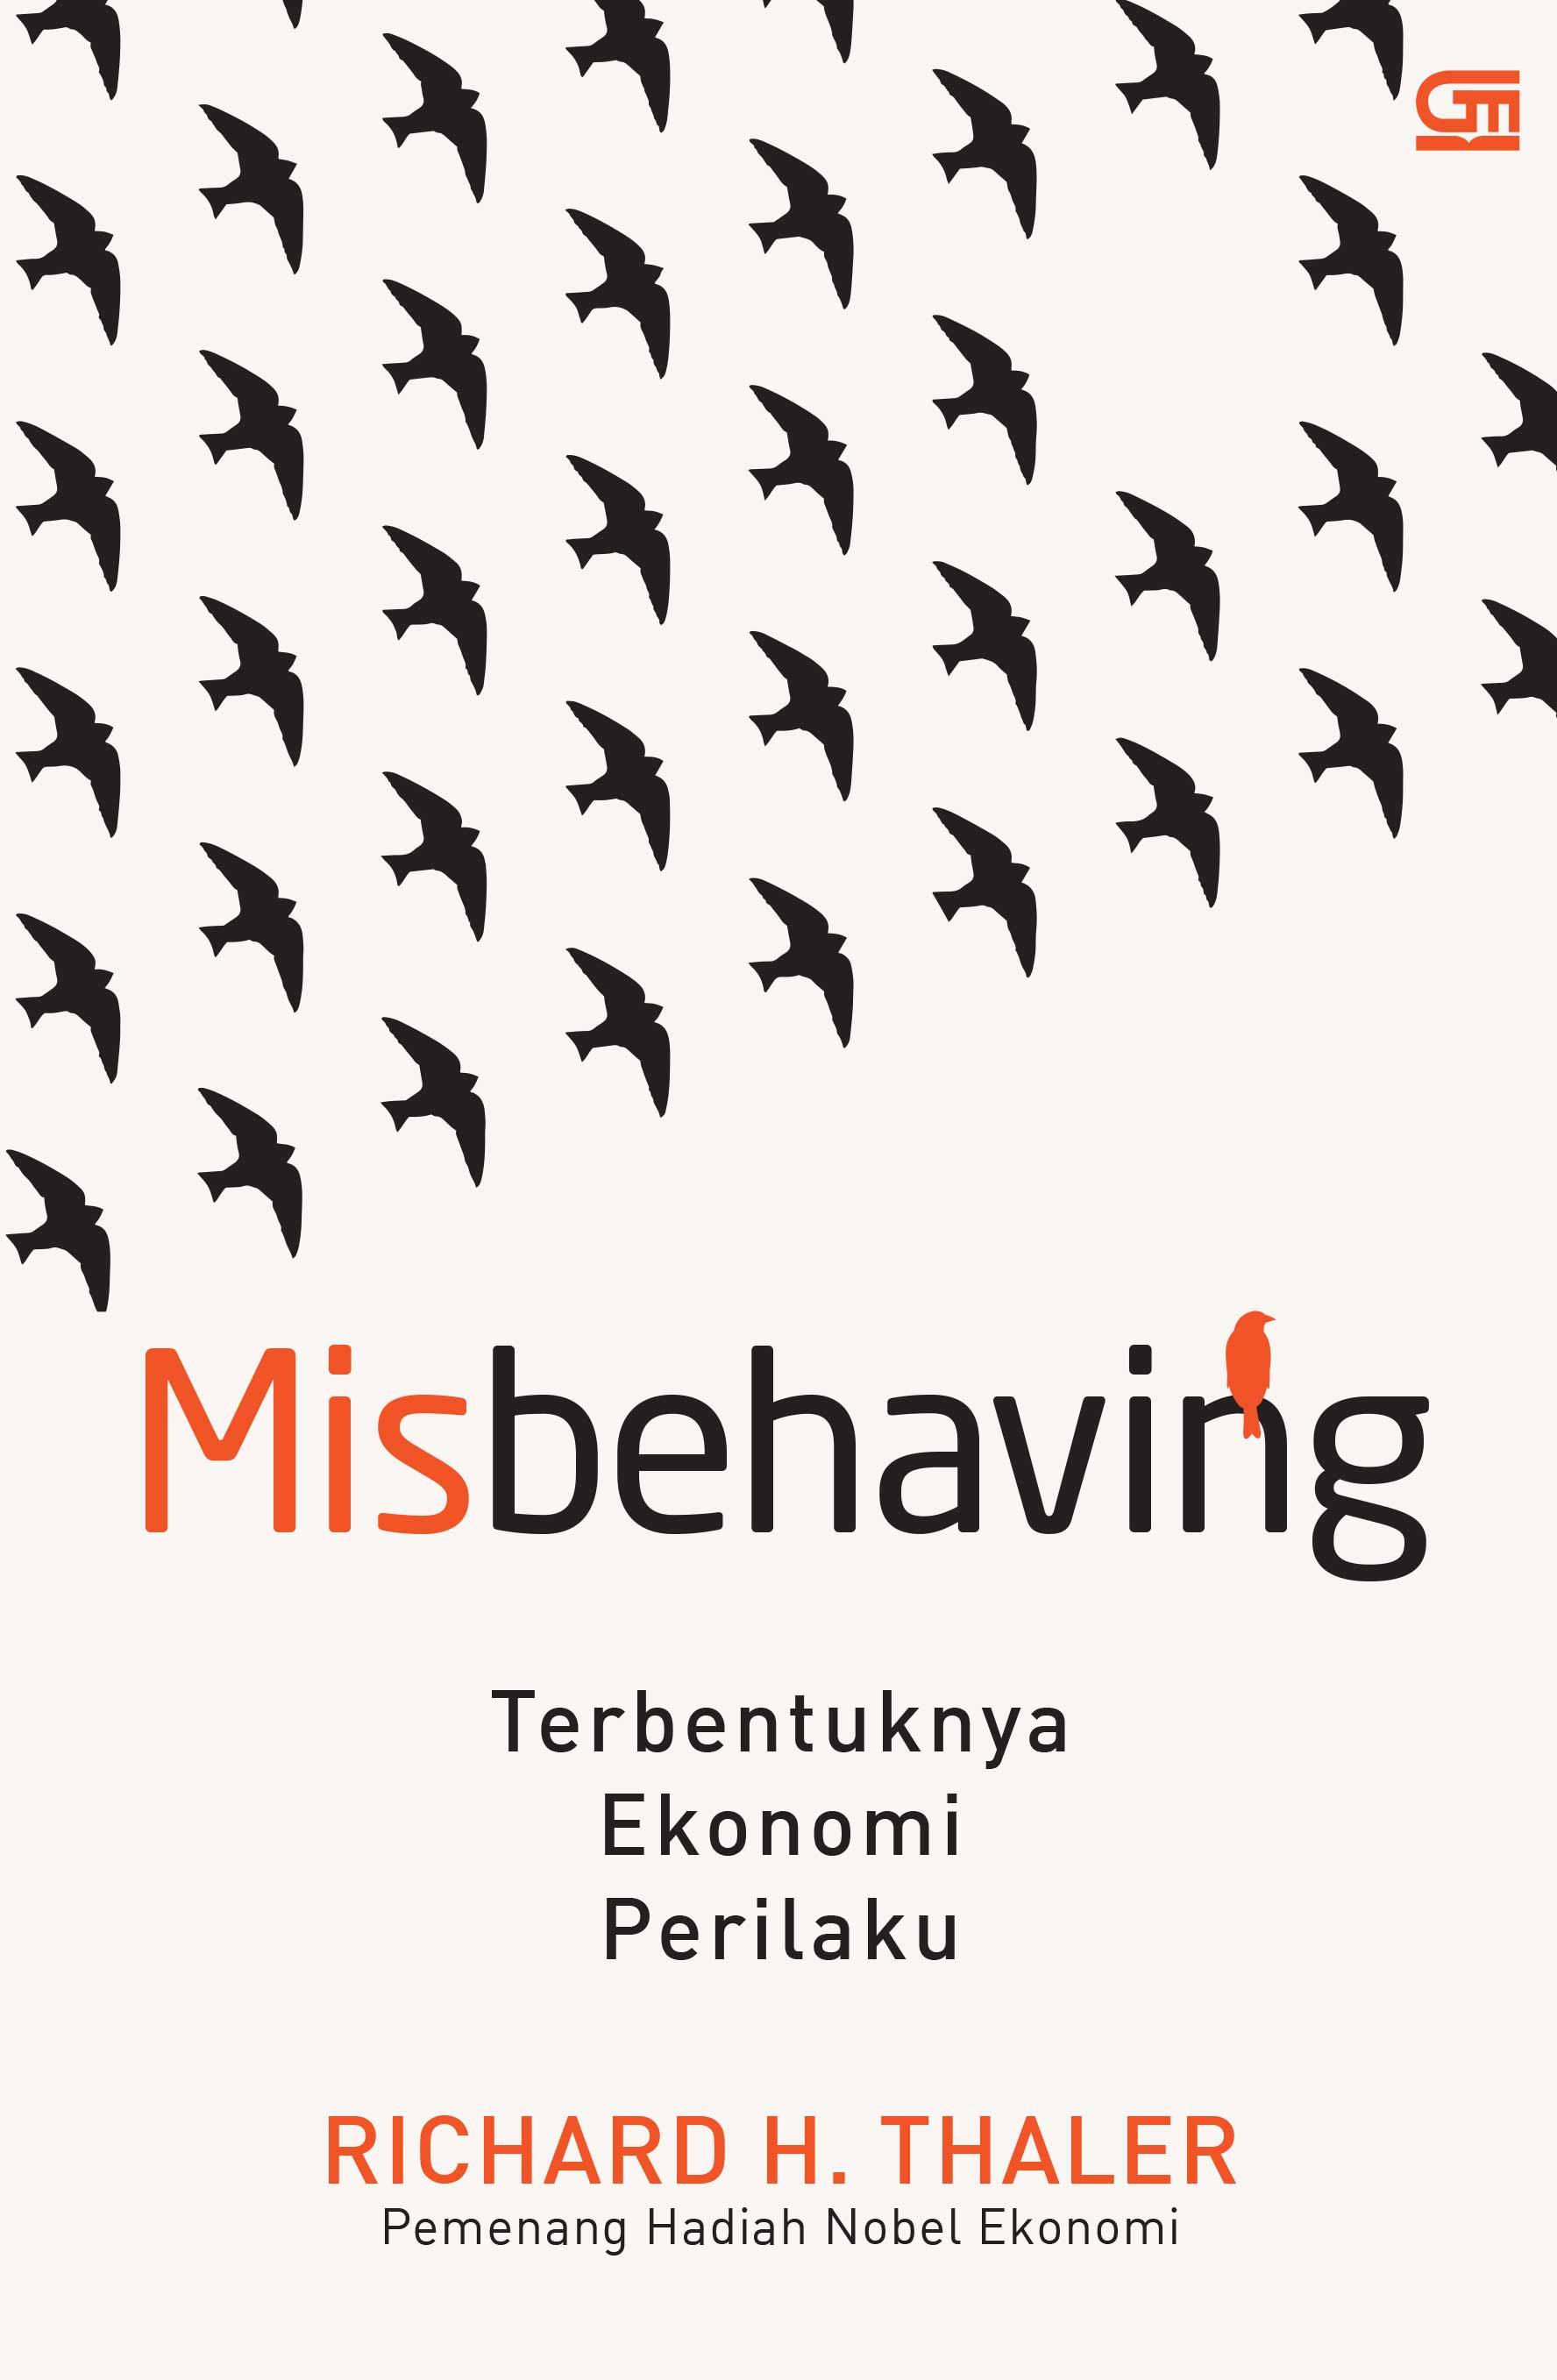 Misbehaving: Terbentuknya Ekonomi Perilaku